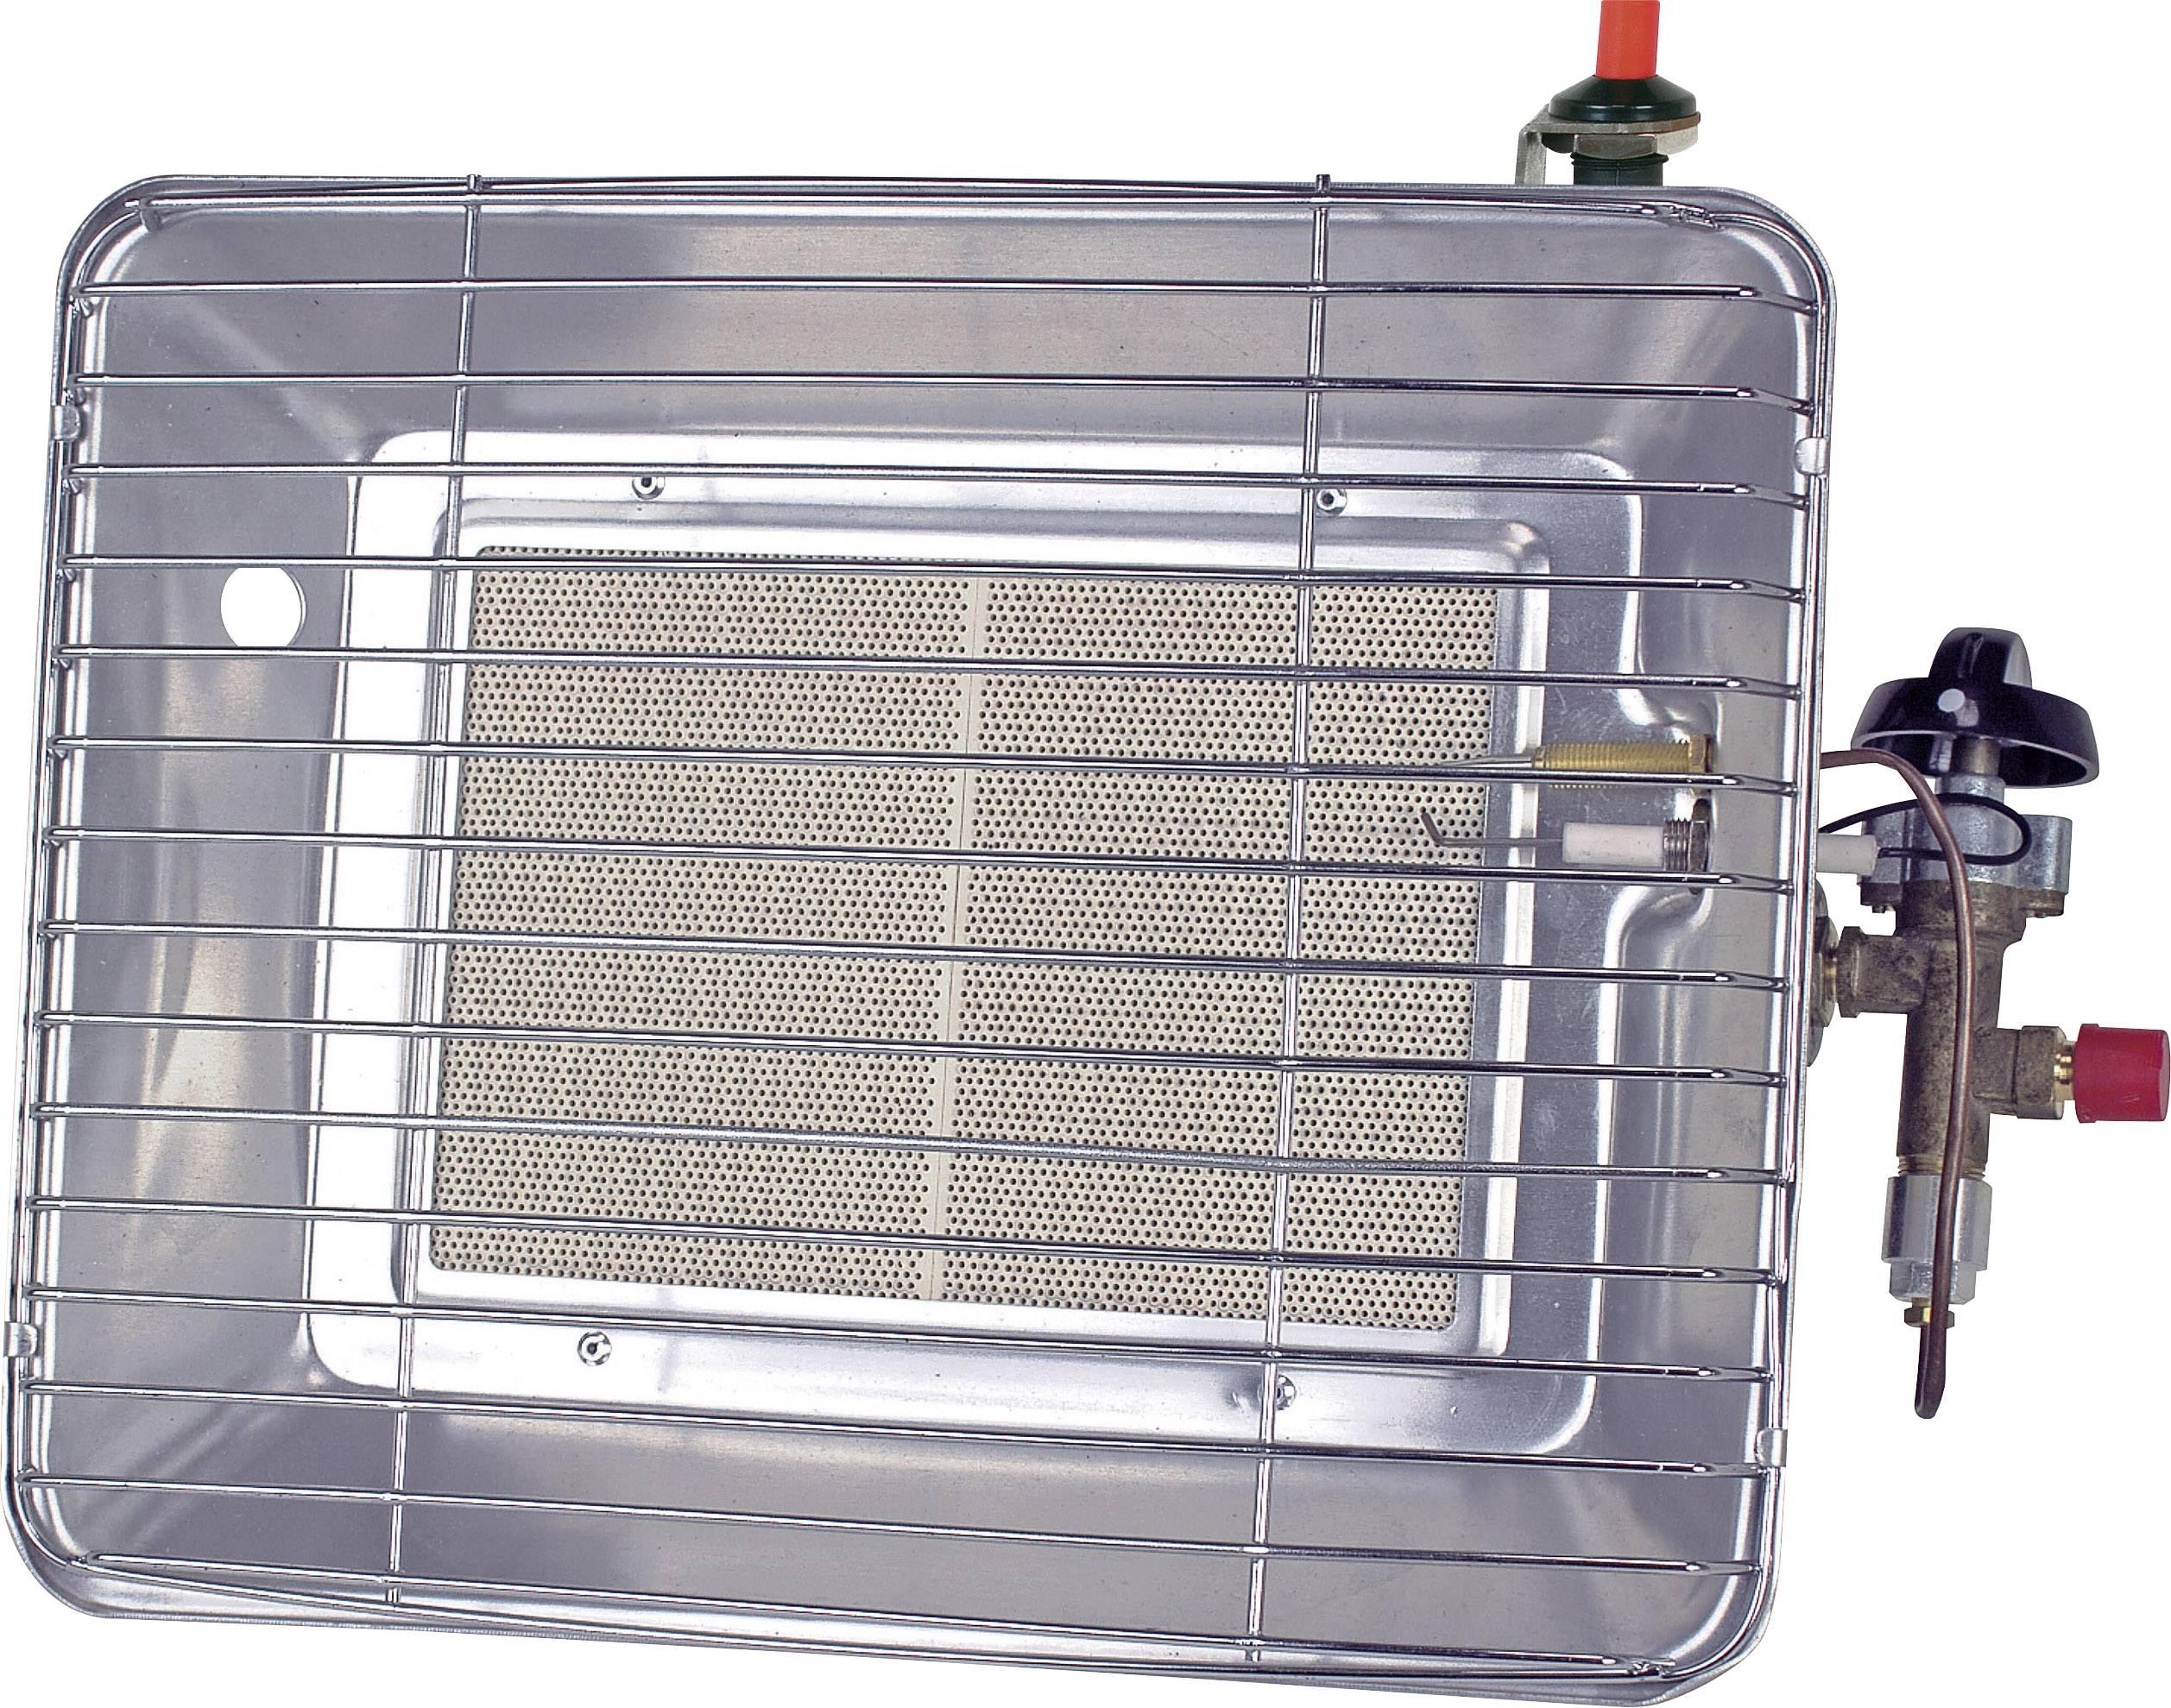 Terasový plynový zářič Rothenberger Industrial 35985, 4,2 kW, piezo